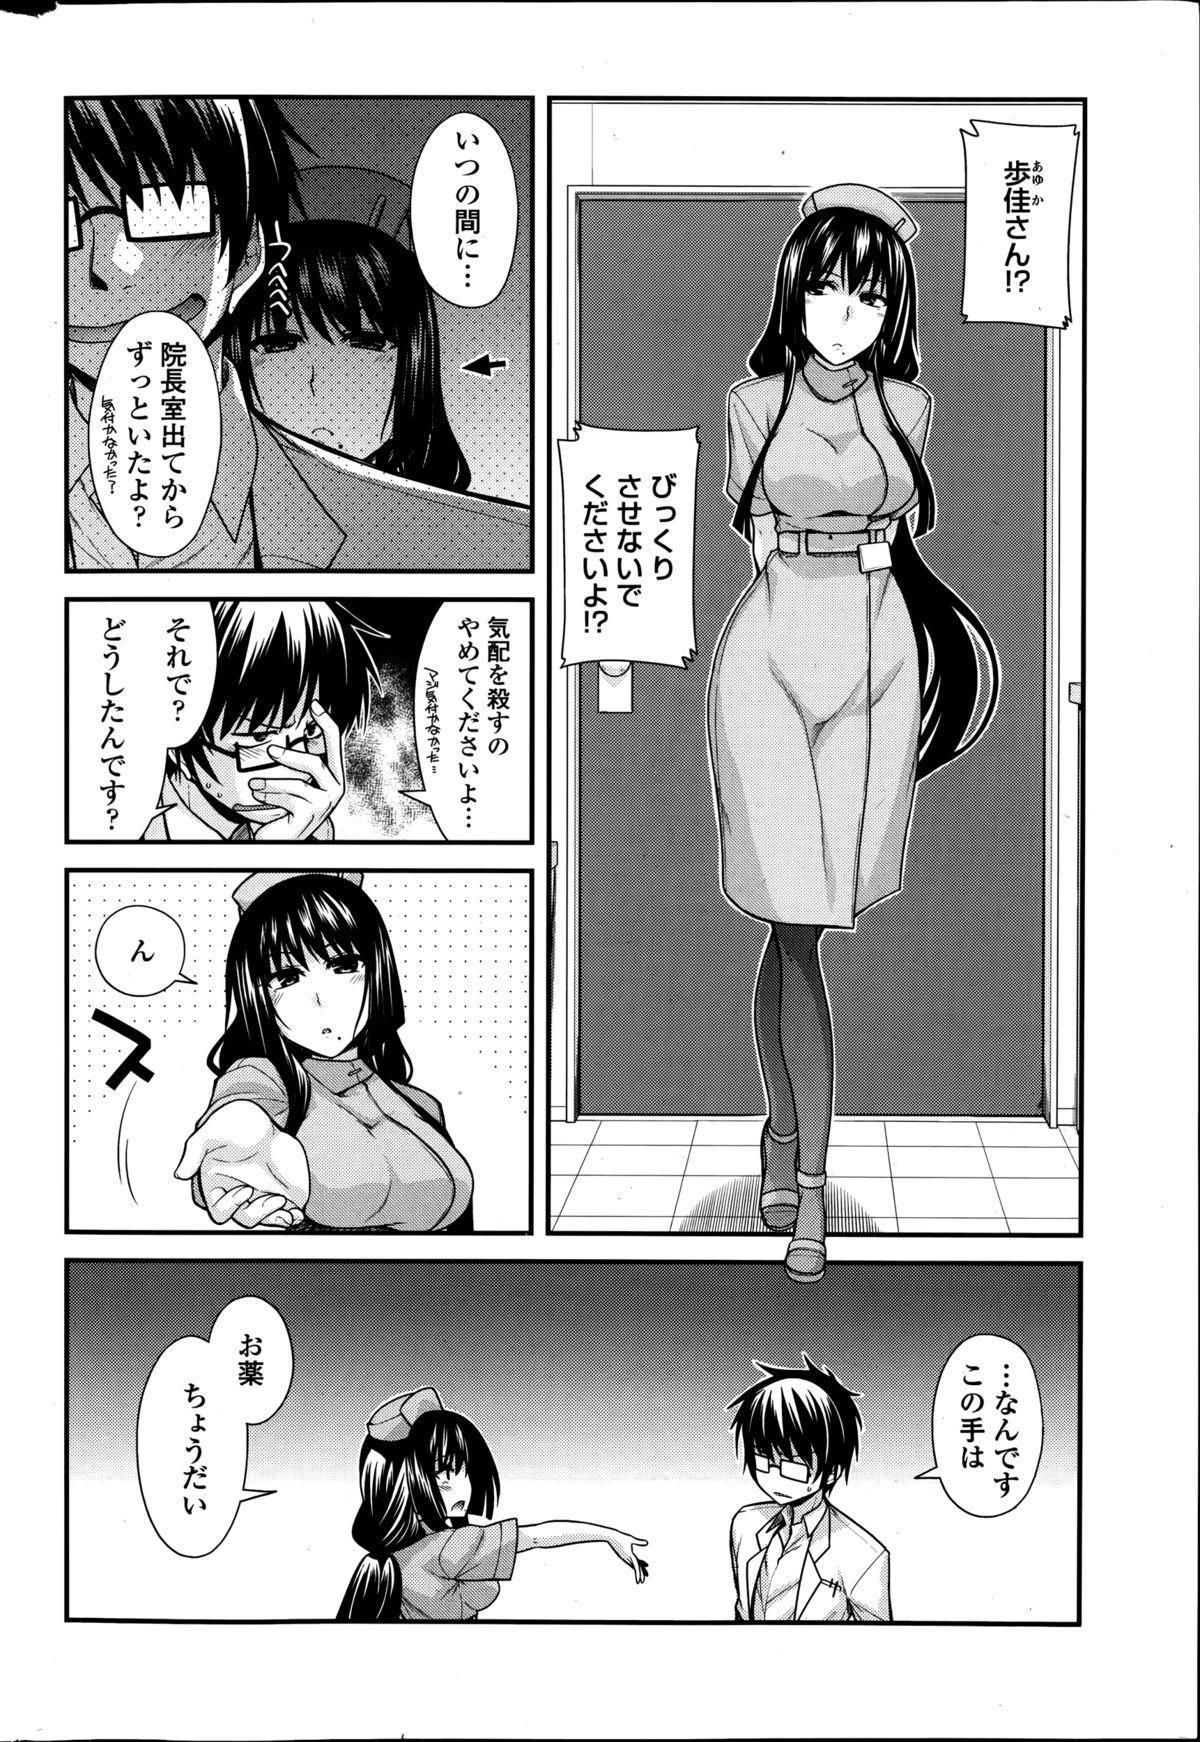 Yumemirukusuri Ch. 1-4 43